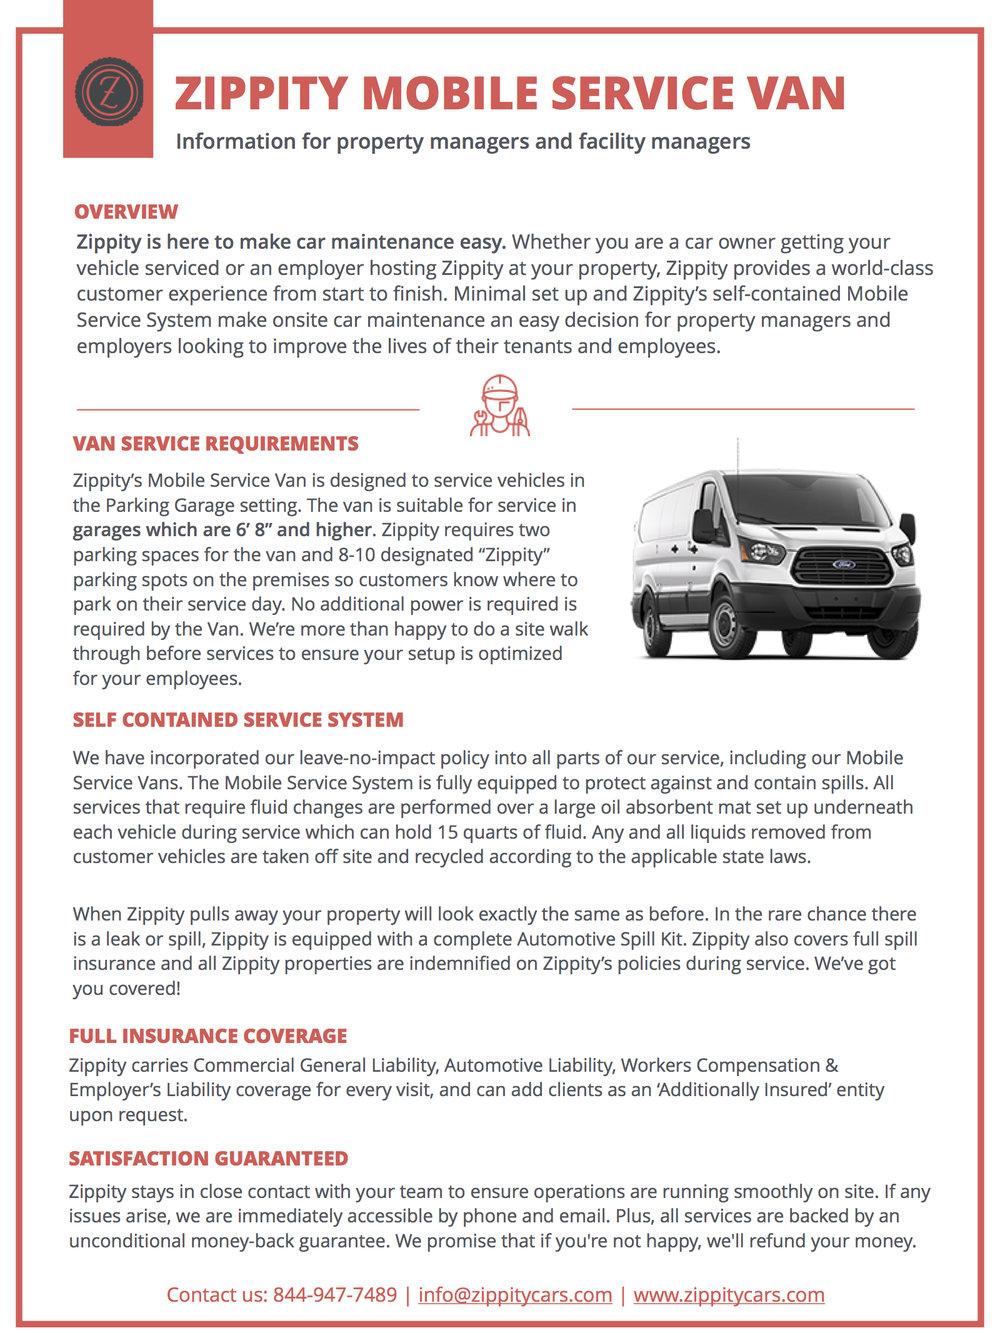 Zippity Mobile Service Van Overview.jpg